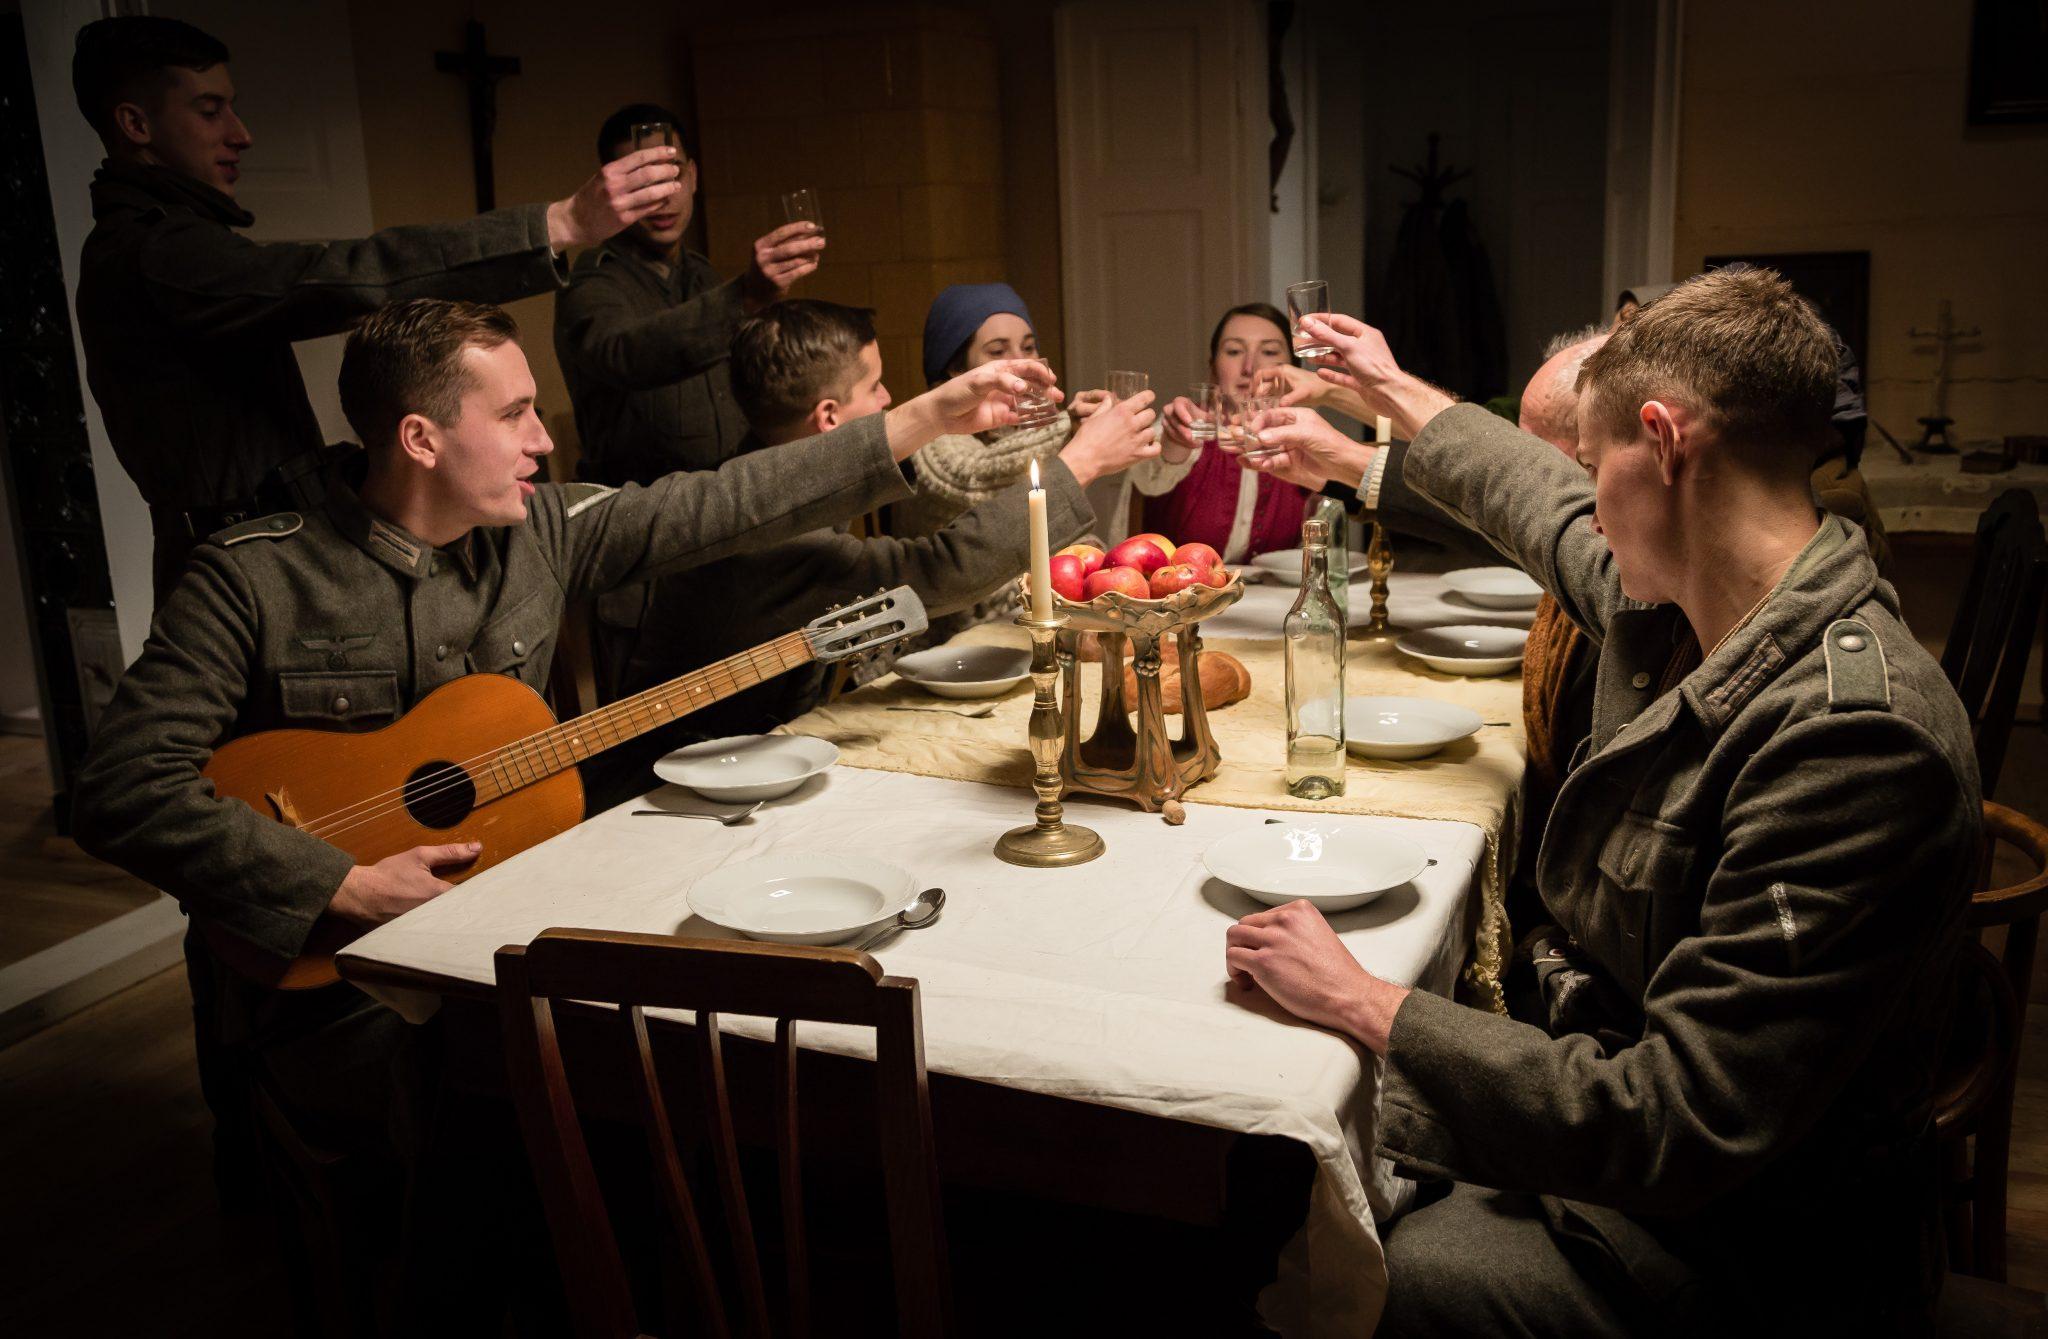 """Die Ausgelassenheit des vermeintlich letzten Abends, der in """"Höre die Stille"""" alles verändern sollte ©Tiberius Film"""